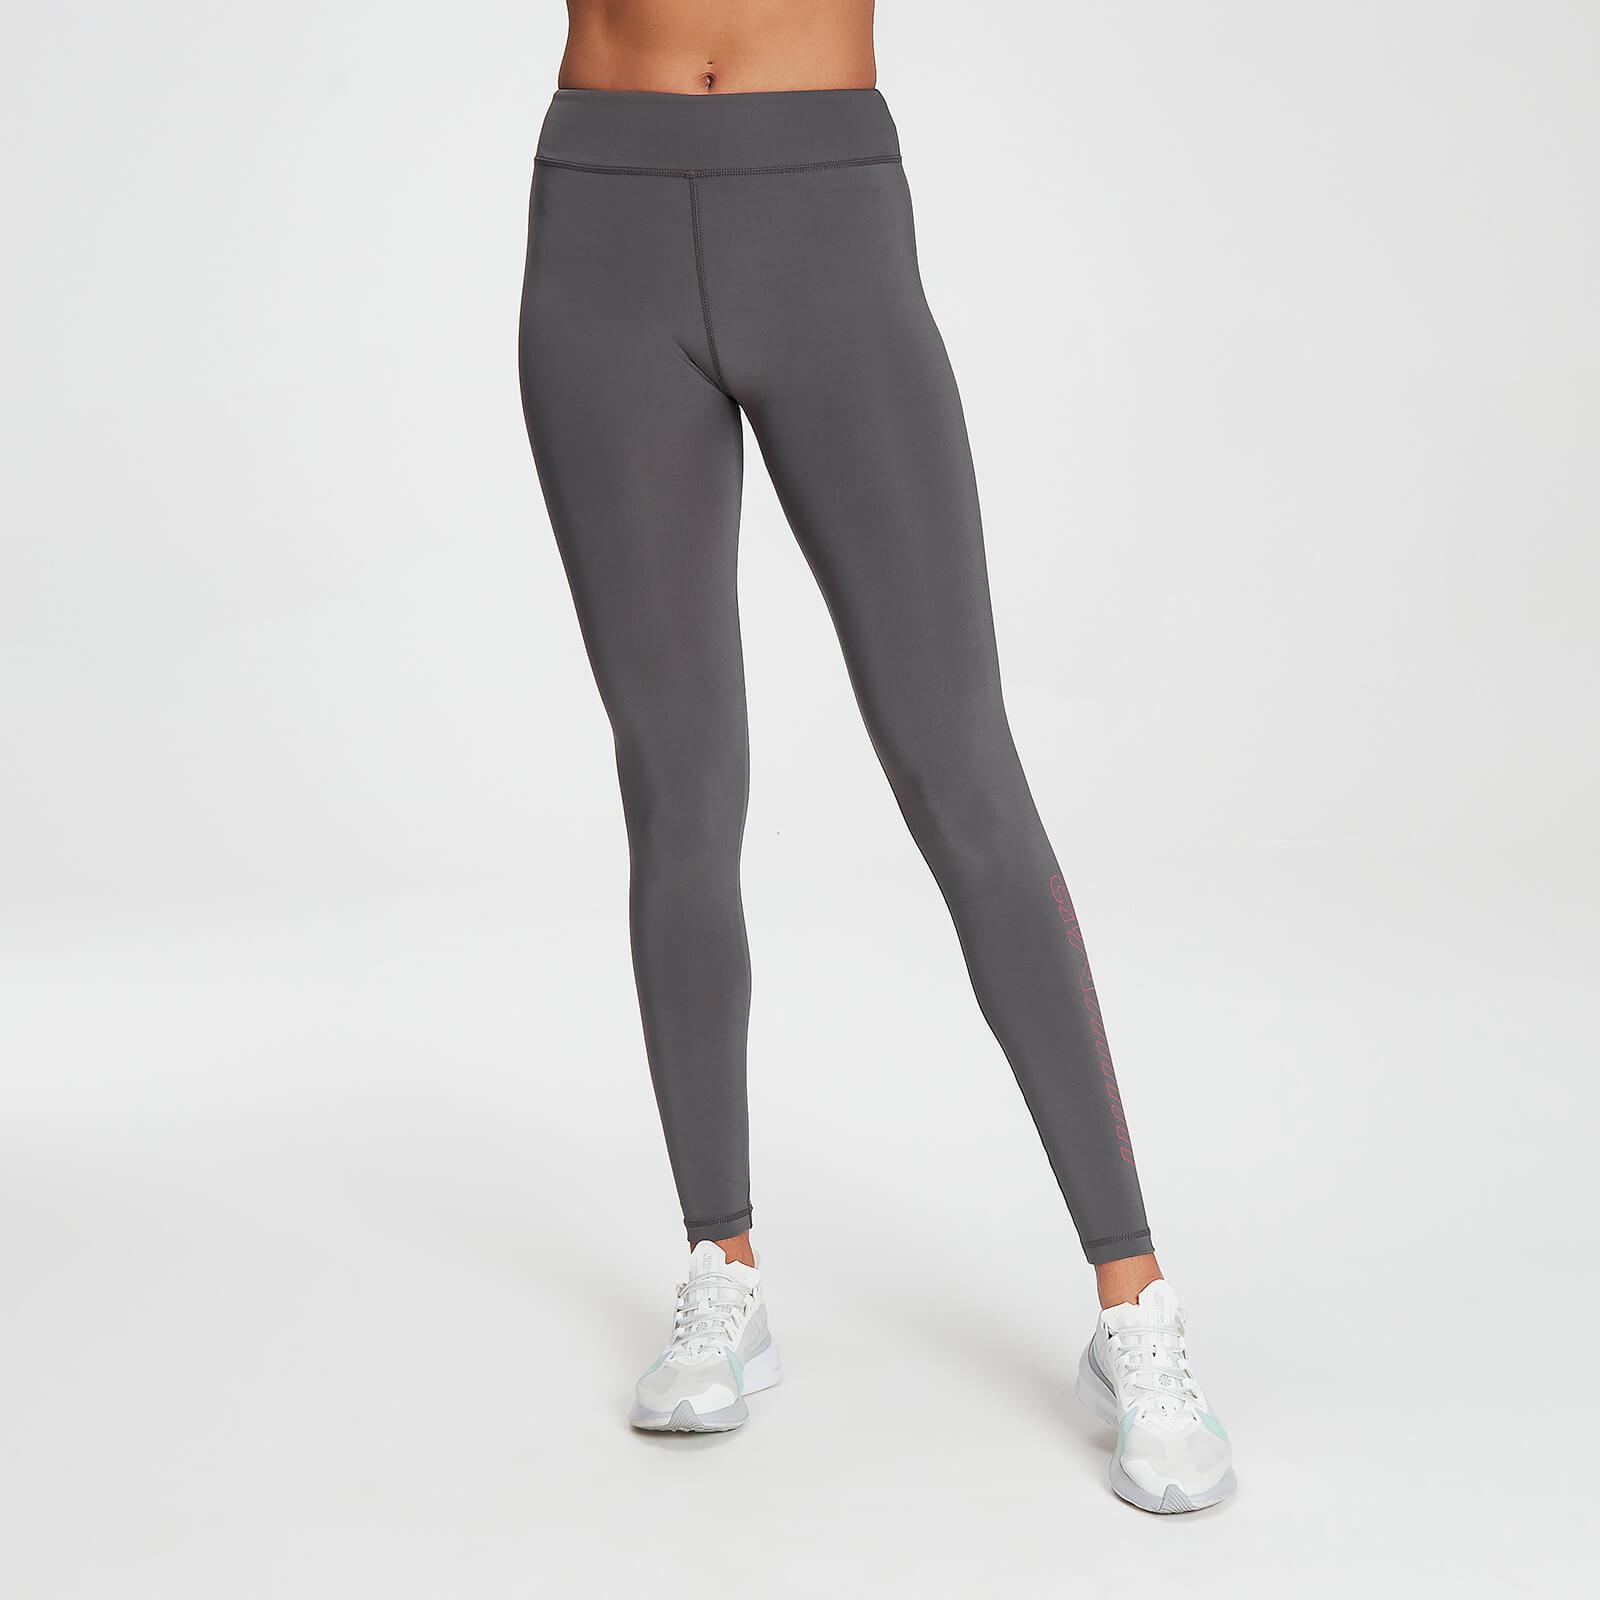 Legging d'entraînement MP Branded pour femmes – Carbone - XXS